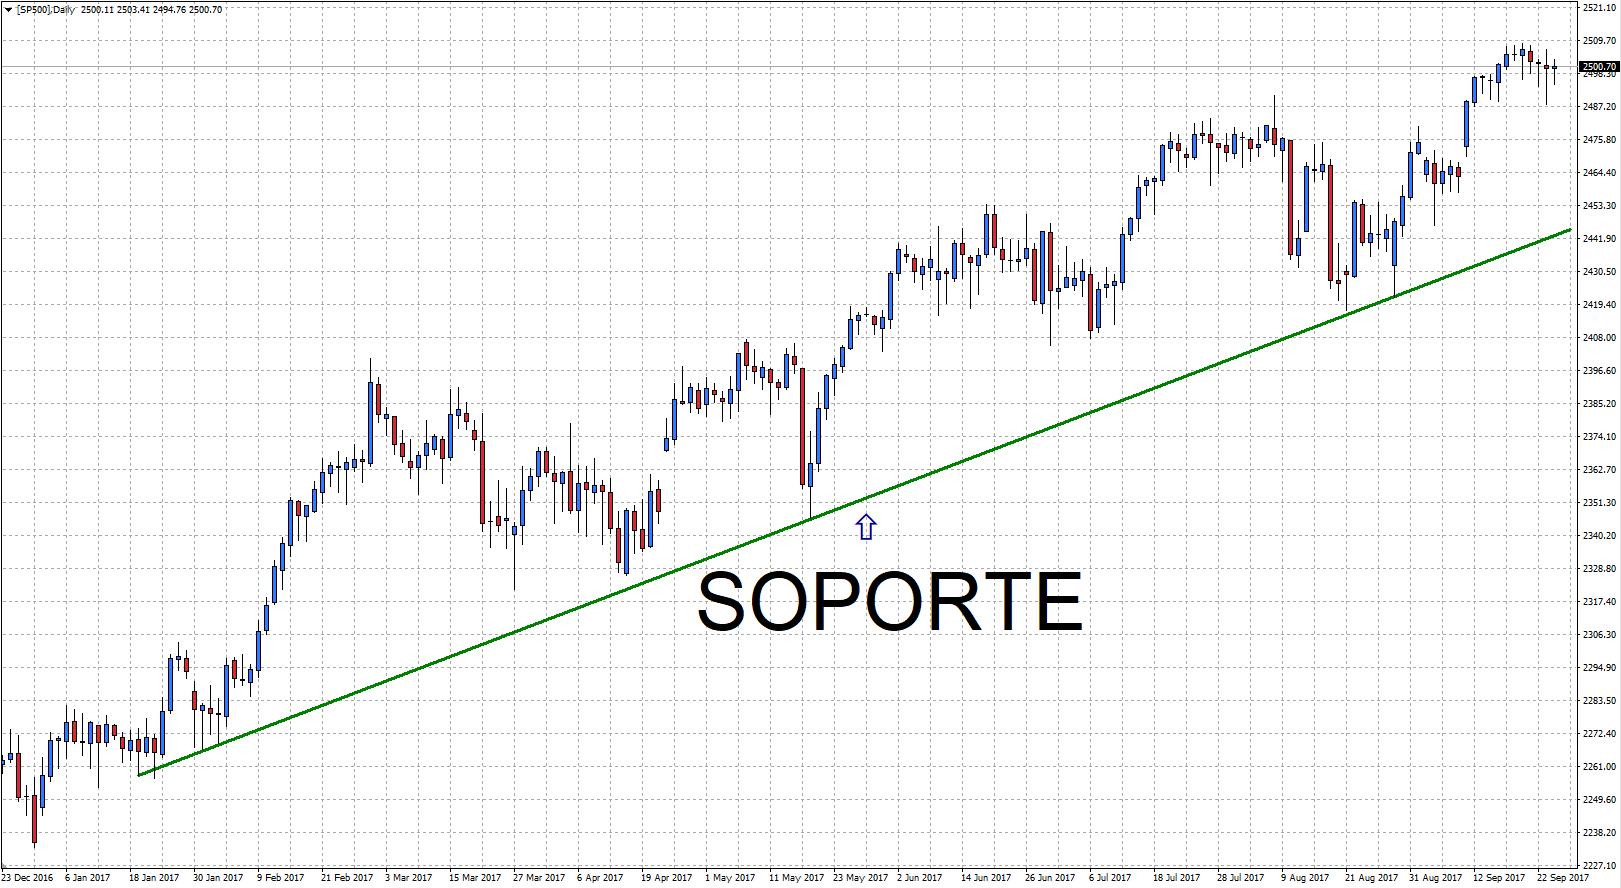 Soporte en tendencial alcista del gráfico del S&P 500 de Metatrader 4 de Admiral Markets